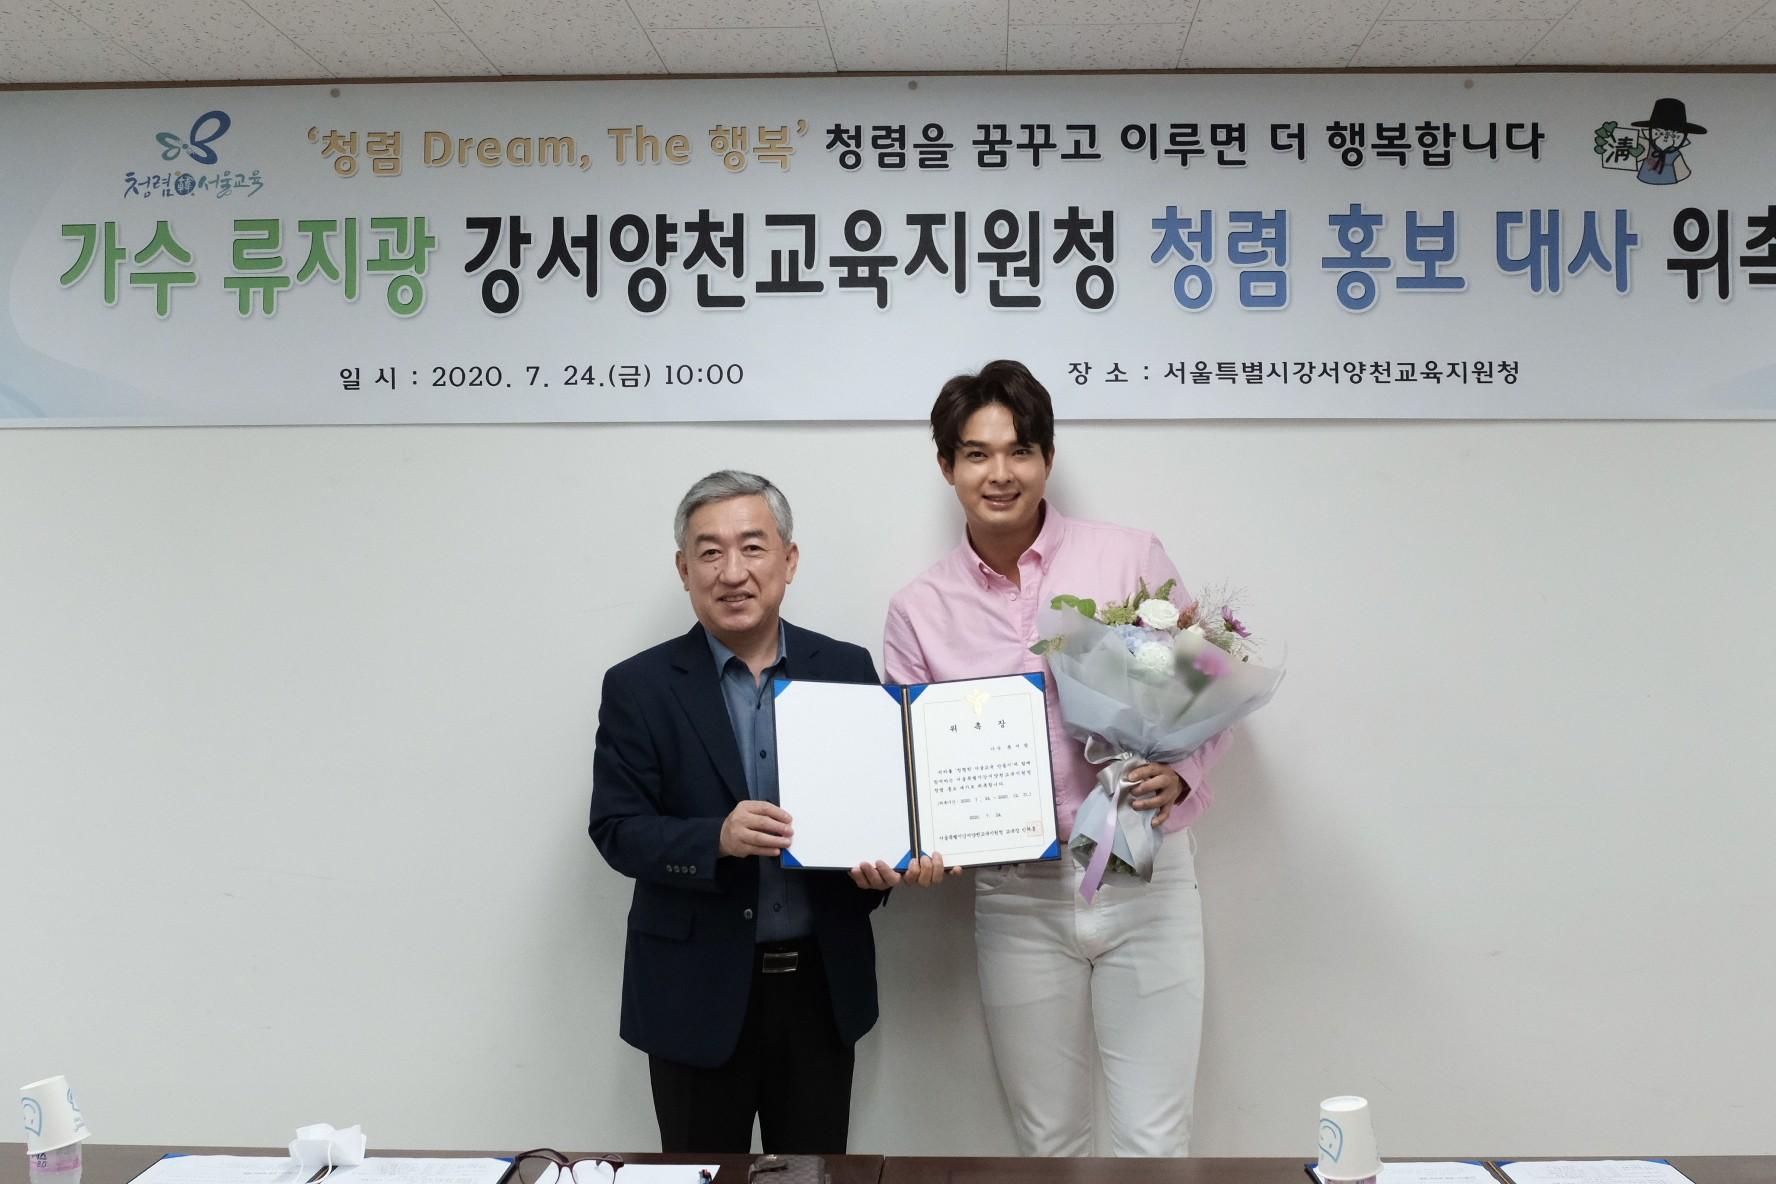 가수 류지광, 강서양천교육지원청 '청렴 홍보 대사' 위촉